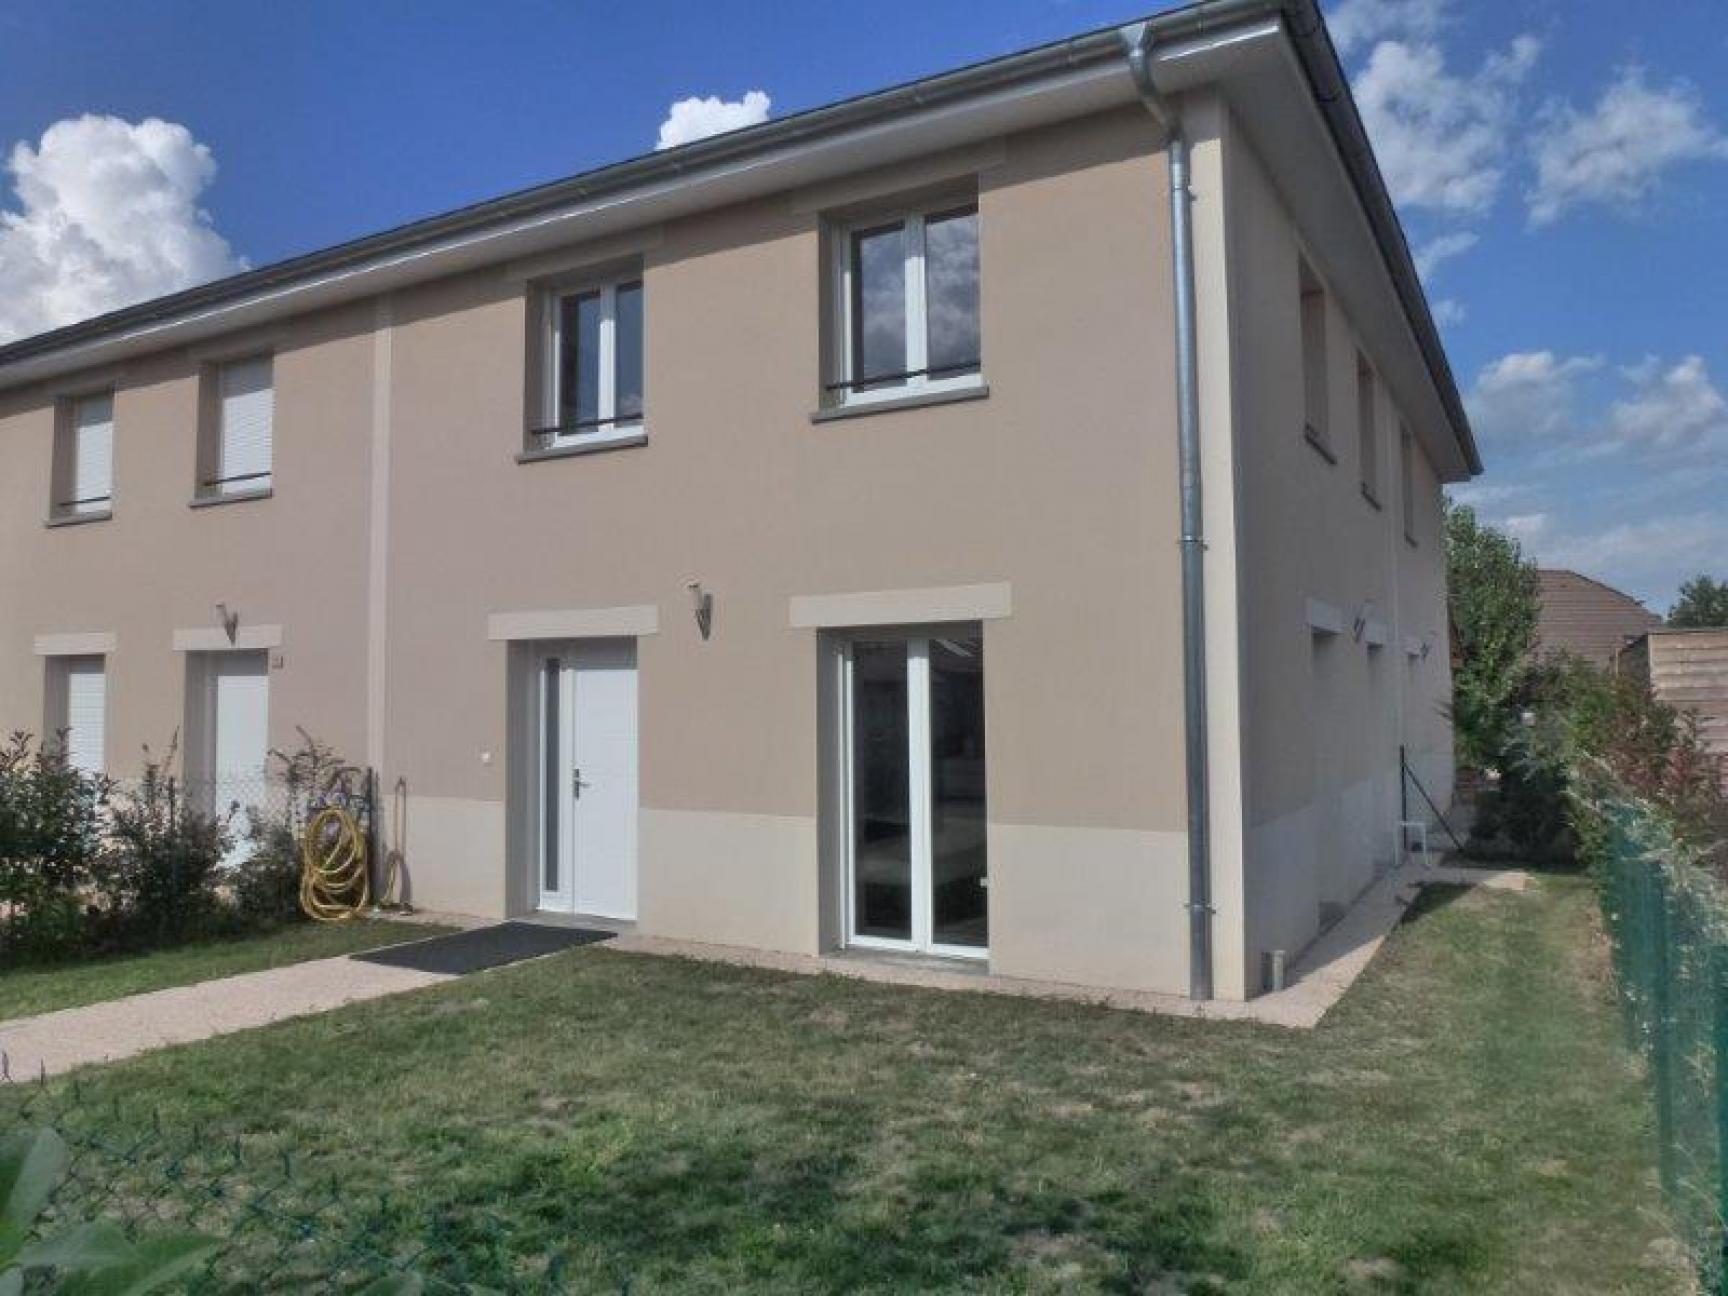 Annonce vente maison saint jean de gonville 01630 83 for Maison saint jean lille